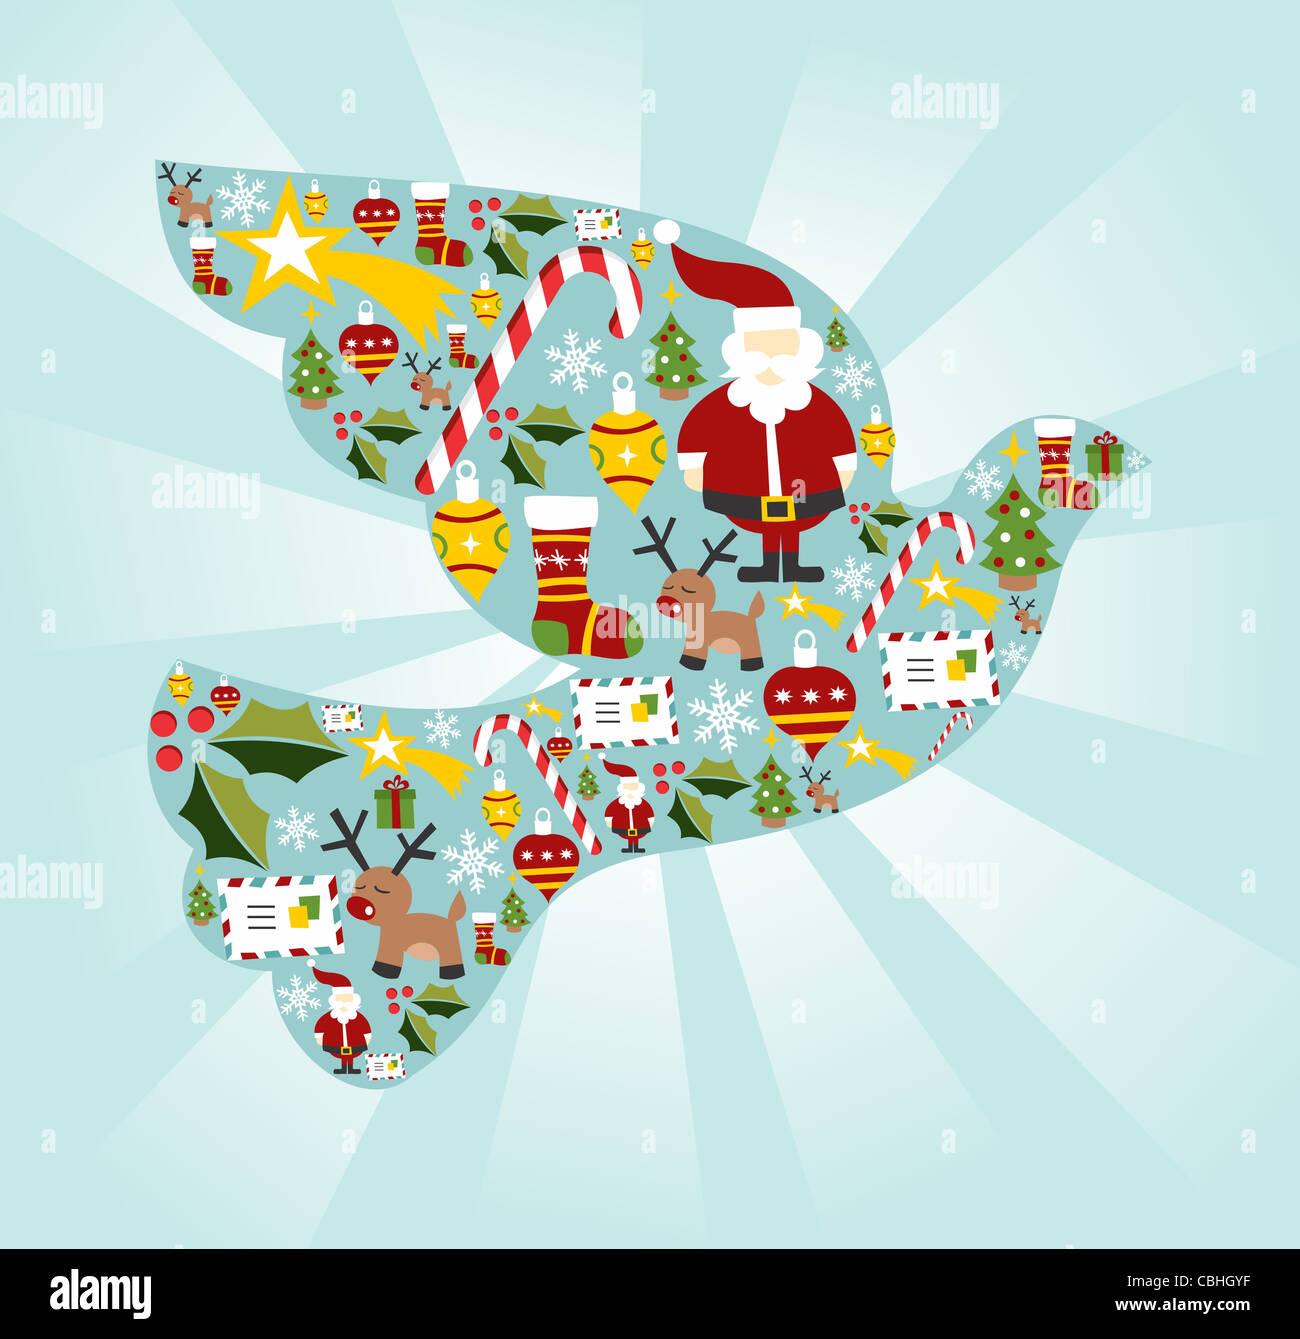 Weihnachten-Symbol inmitten einer Taube des Friedens Form Hintergrund. Vektor-Datei zur Verfügung. Stockbild